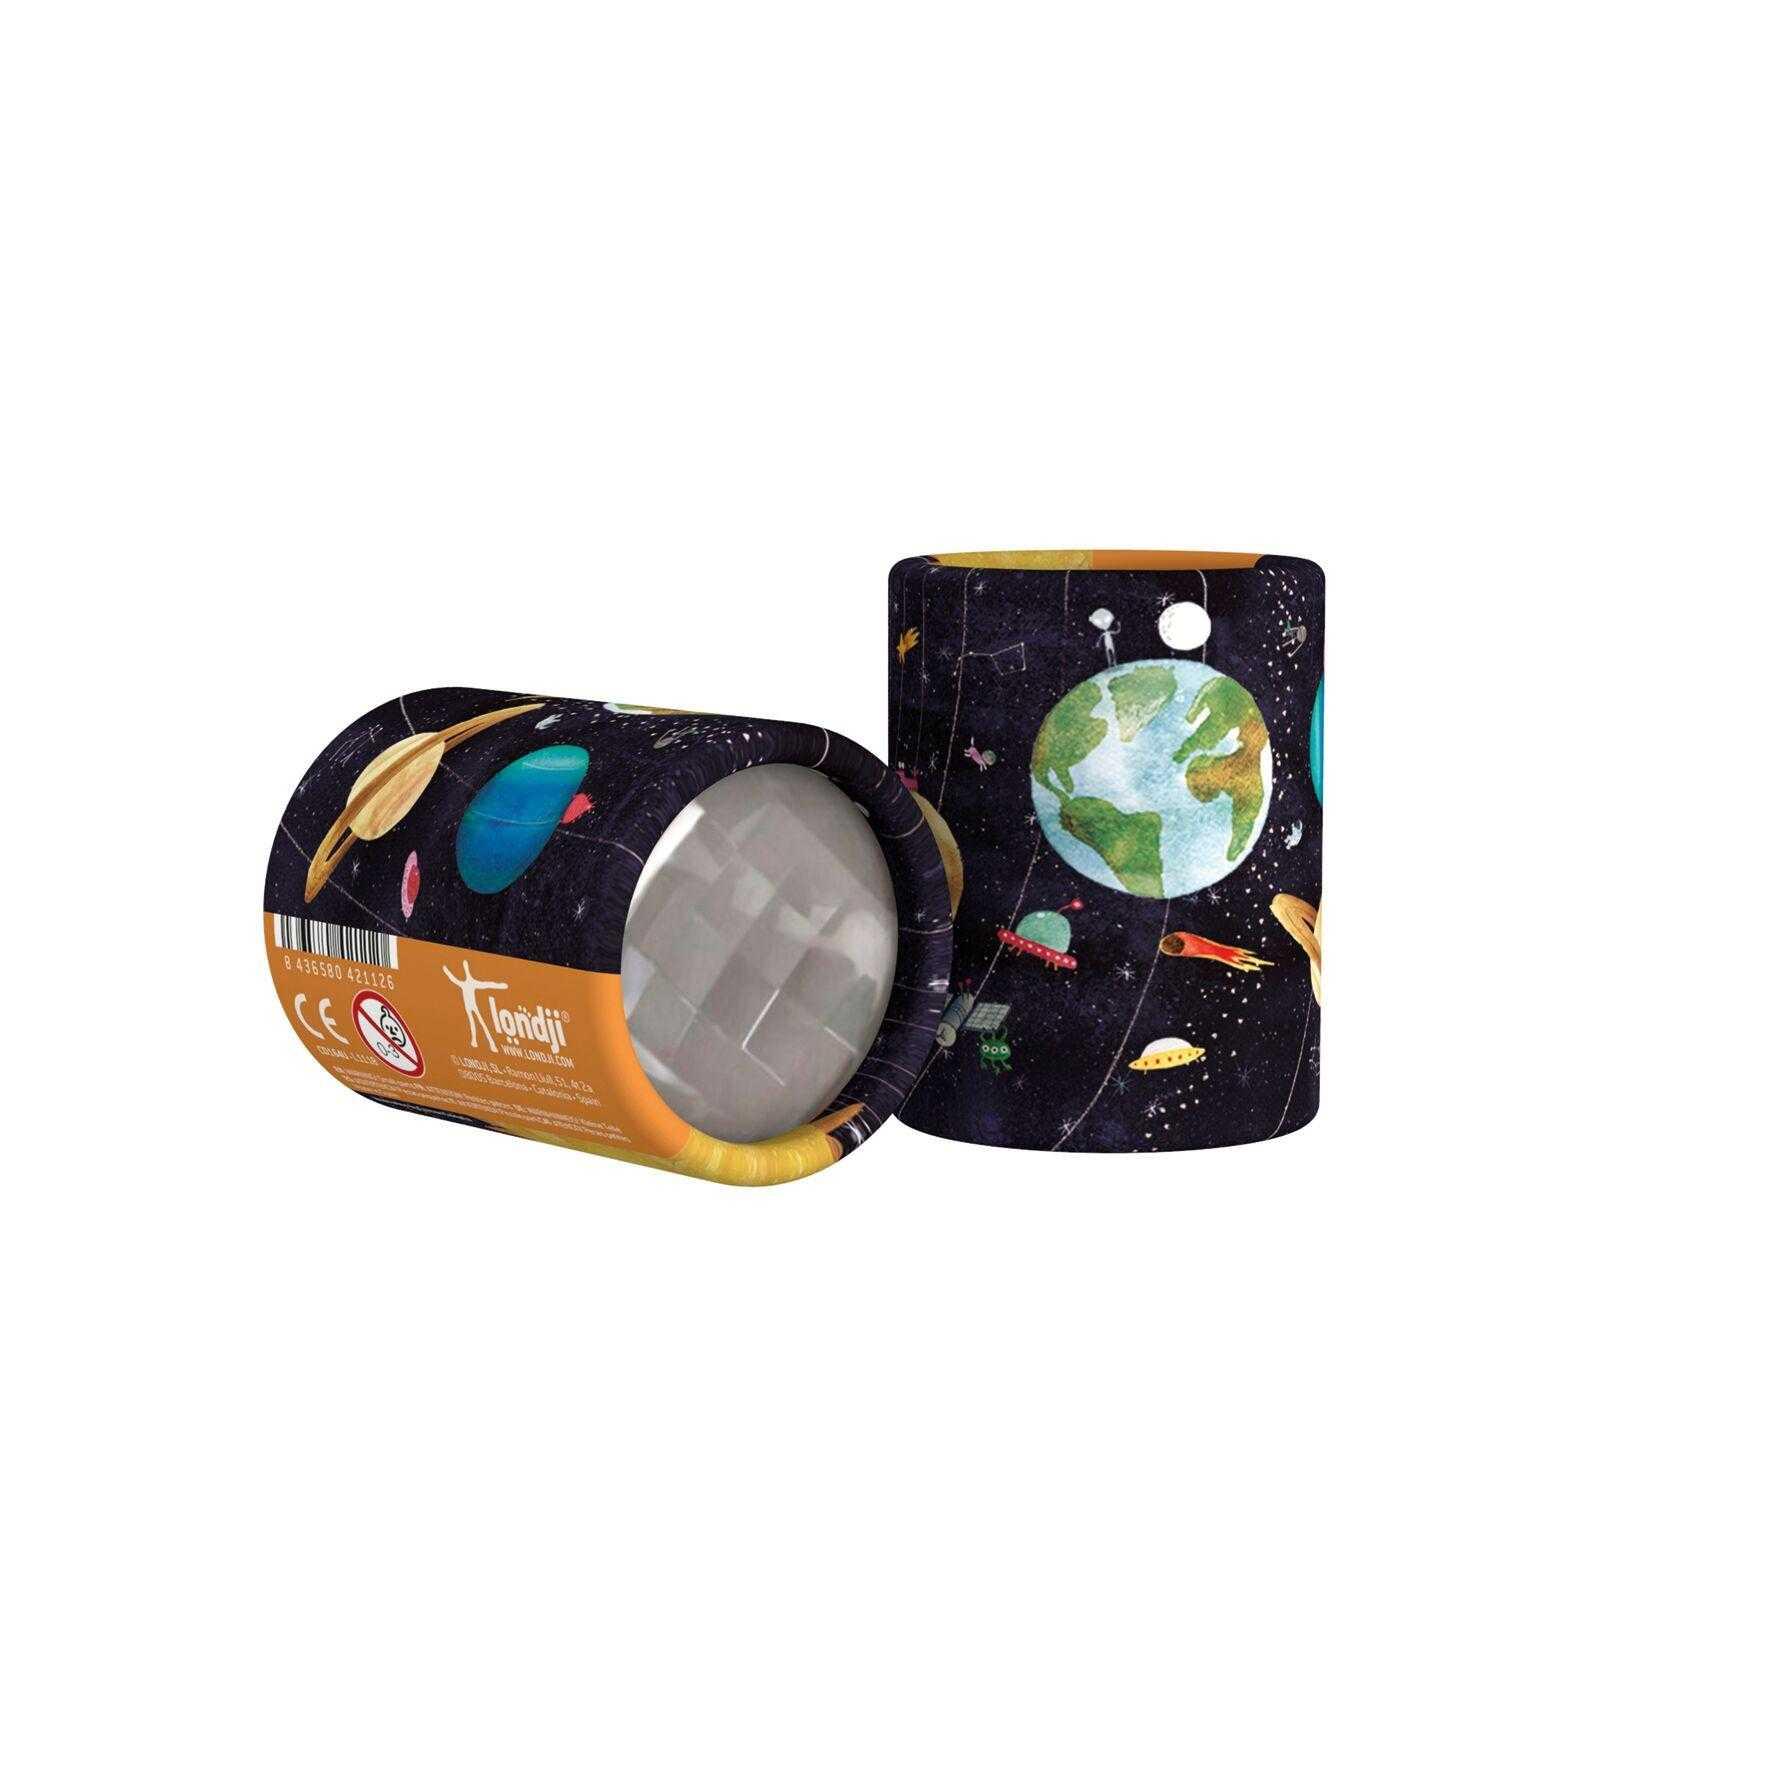 Mini caleidoscop cu planete londji